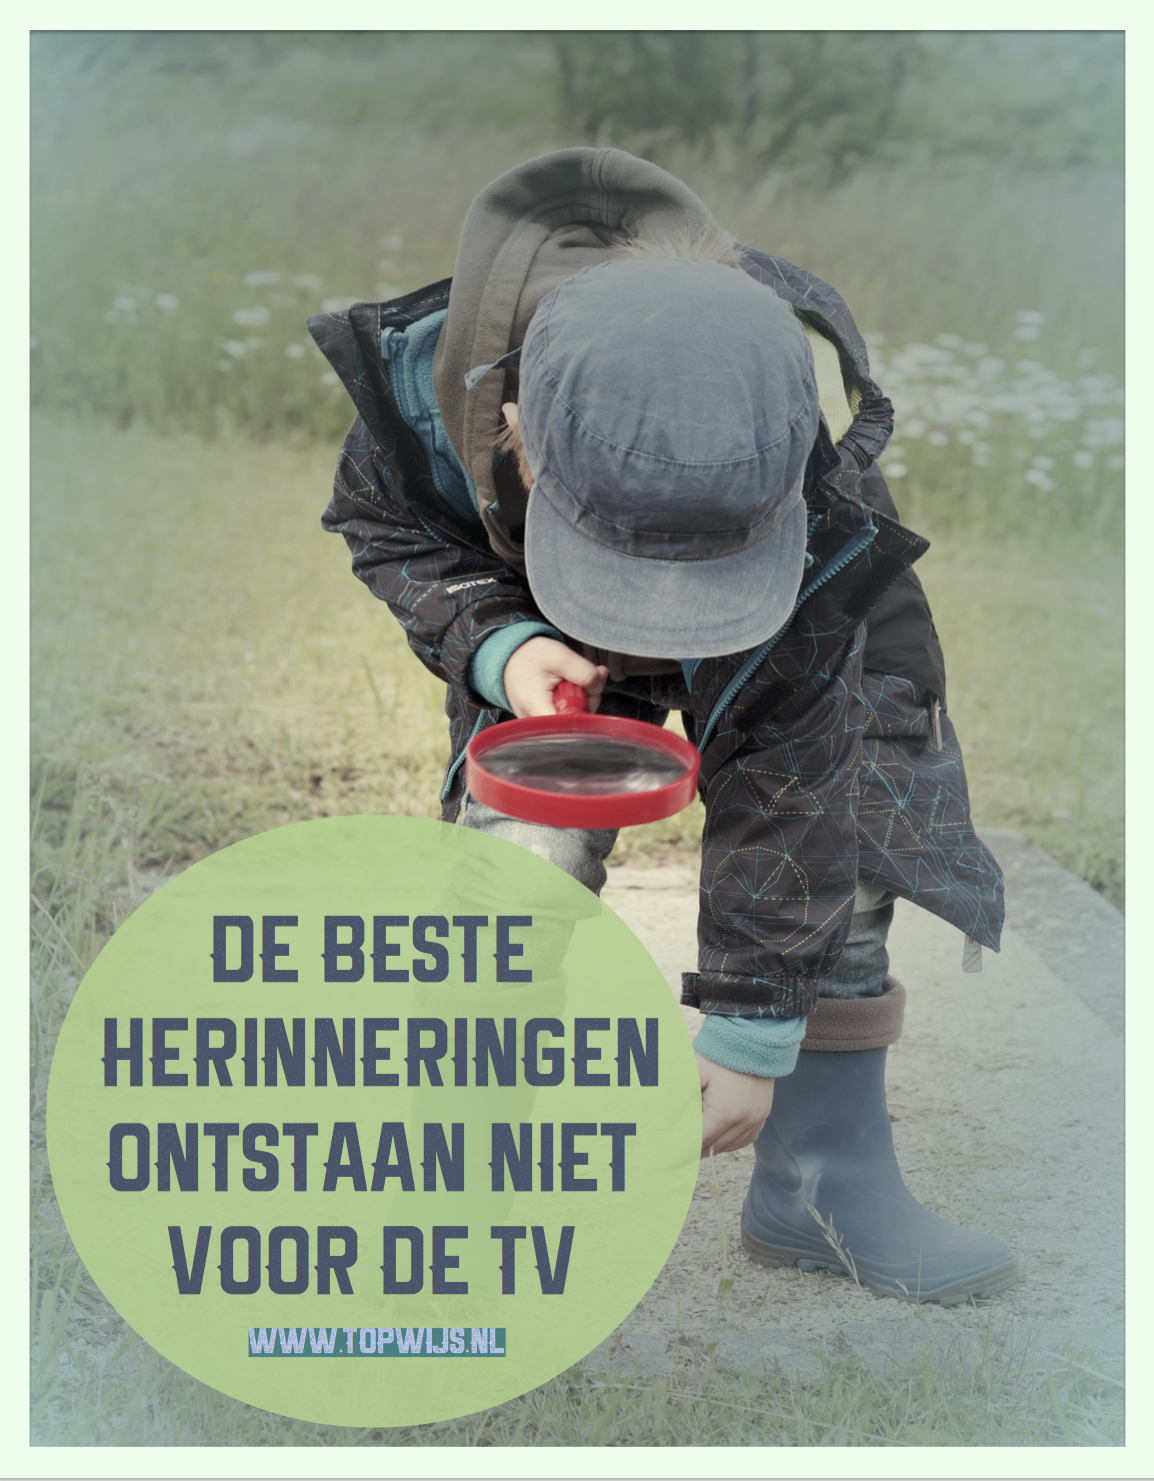 De beste herinneringen ontstaan niet voor de tv.